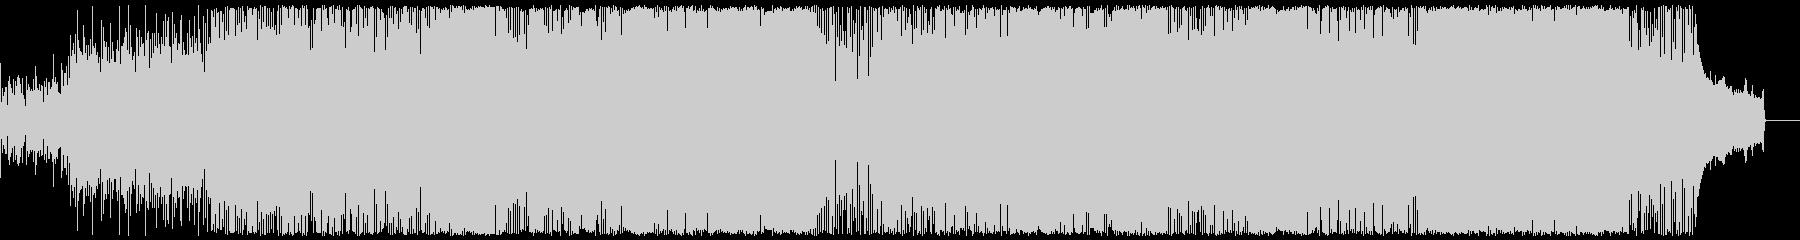 明るく軽快なエレクトロミュージックの未再生の波形